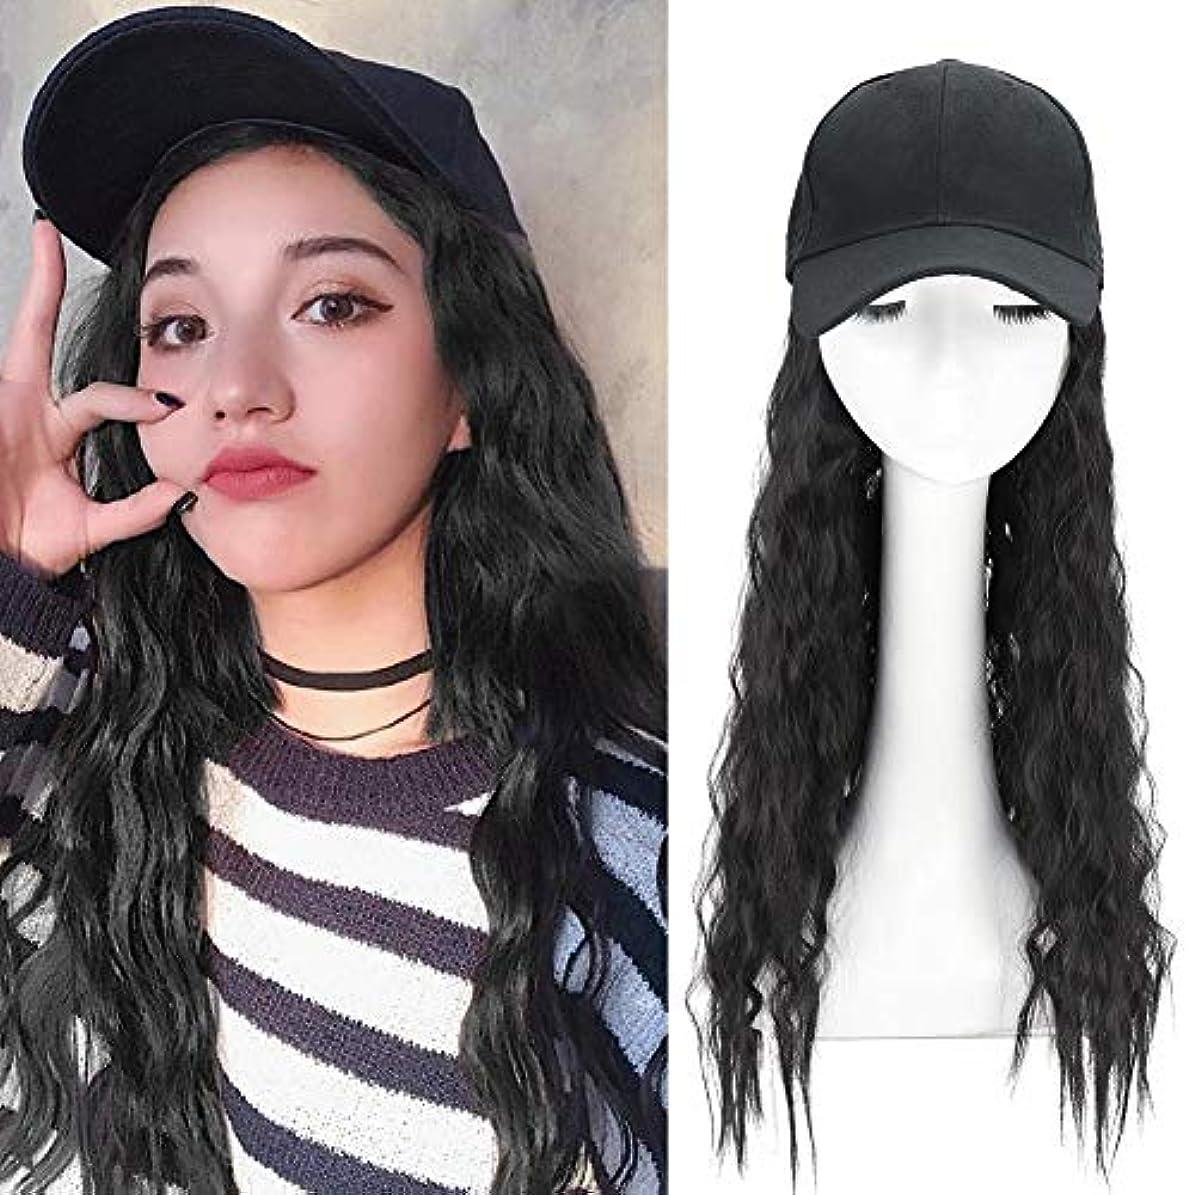 パワーセル作り上げる専ら長い巻き毛を持つ合成長波野球帽合成毛を持つ波状かつらキャップ女の子のための髪を持つ調整可能な野球帽帽子